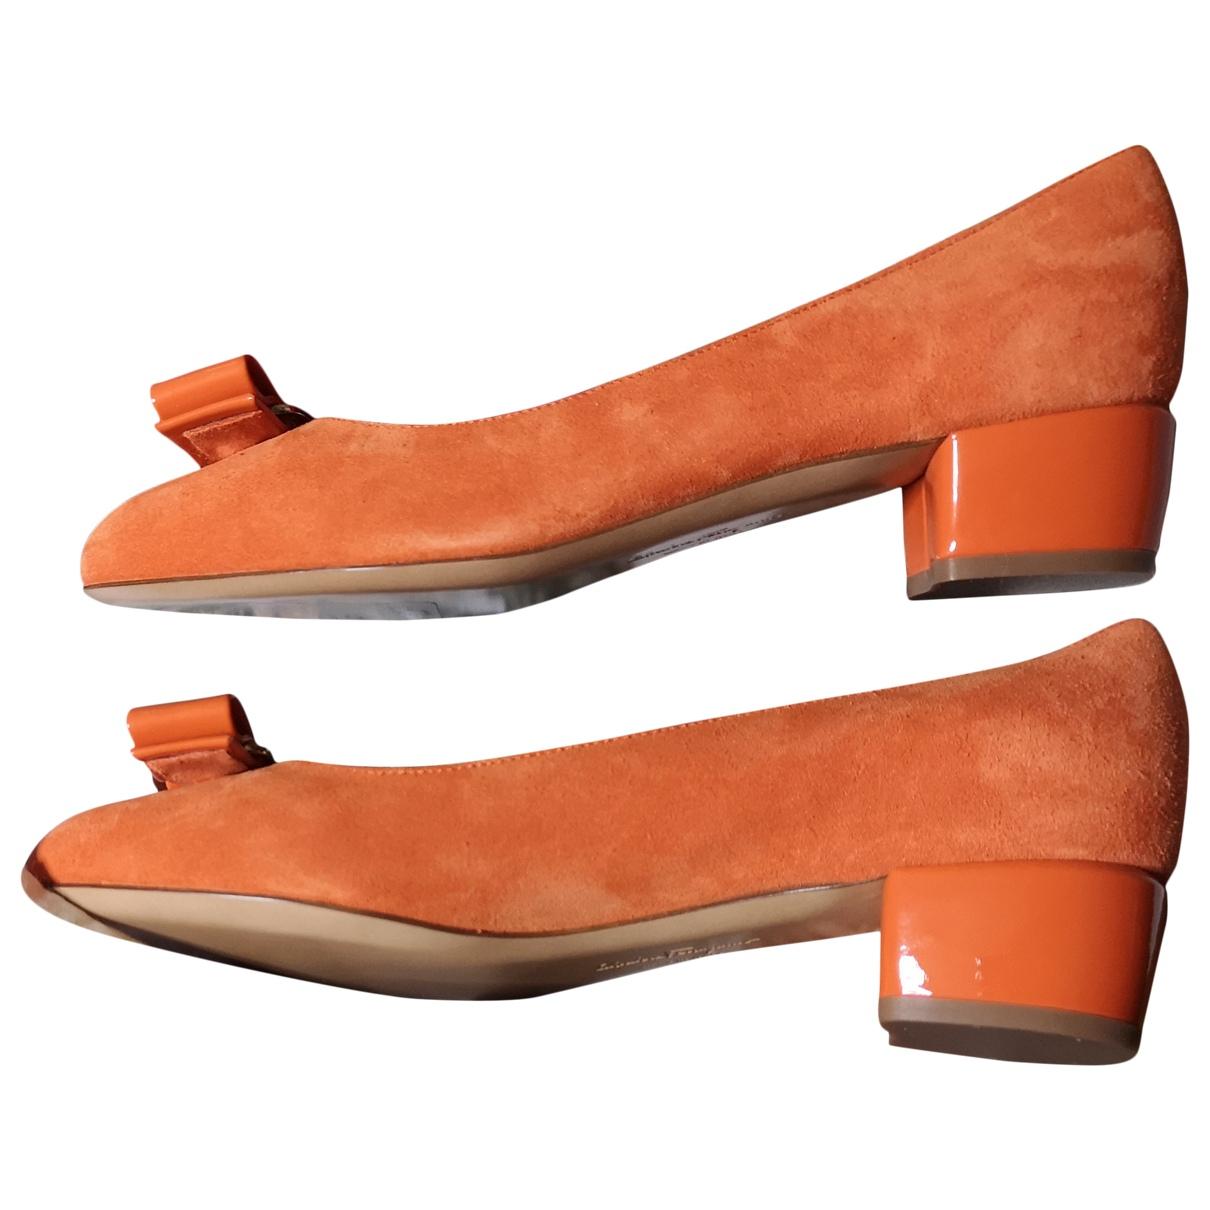 Salvatore Ferragamo \N Orange Suede Heels for Women 5 US